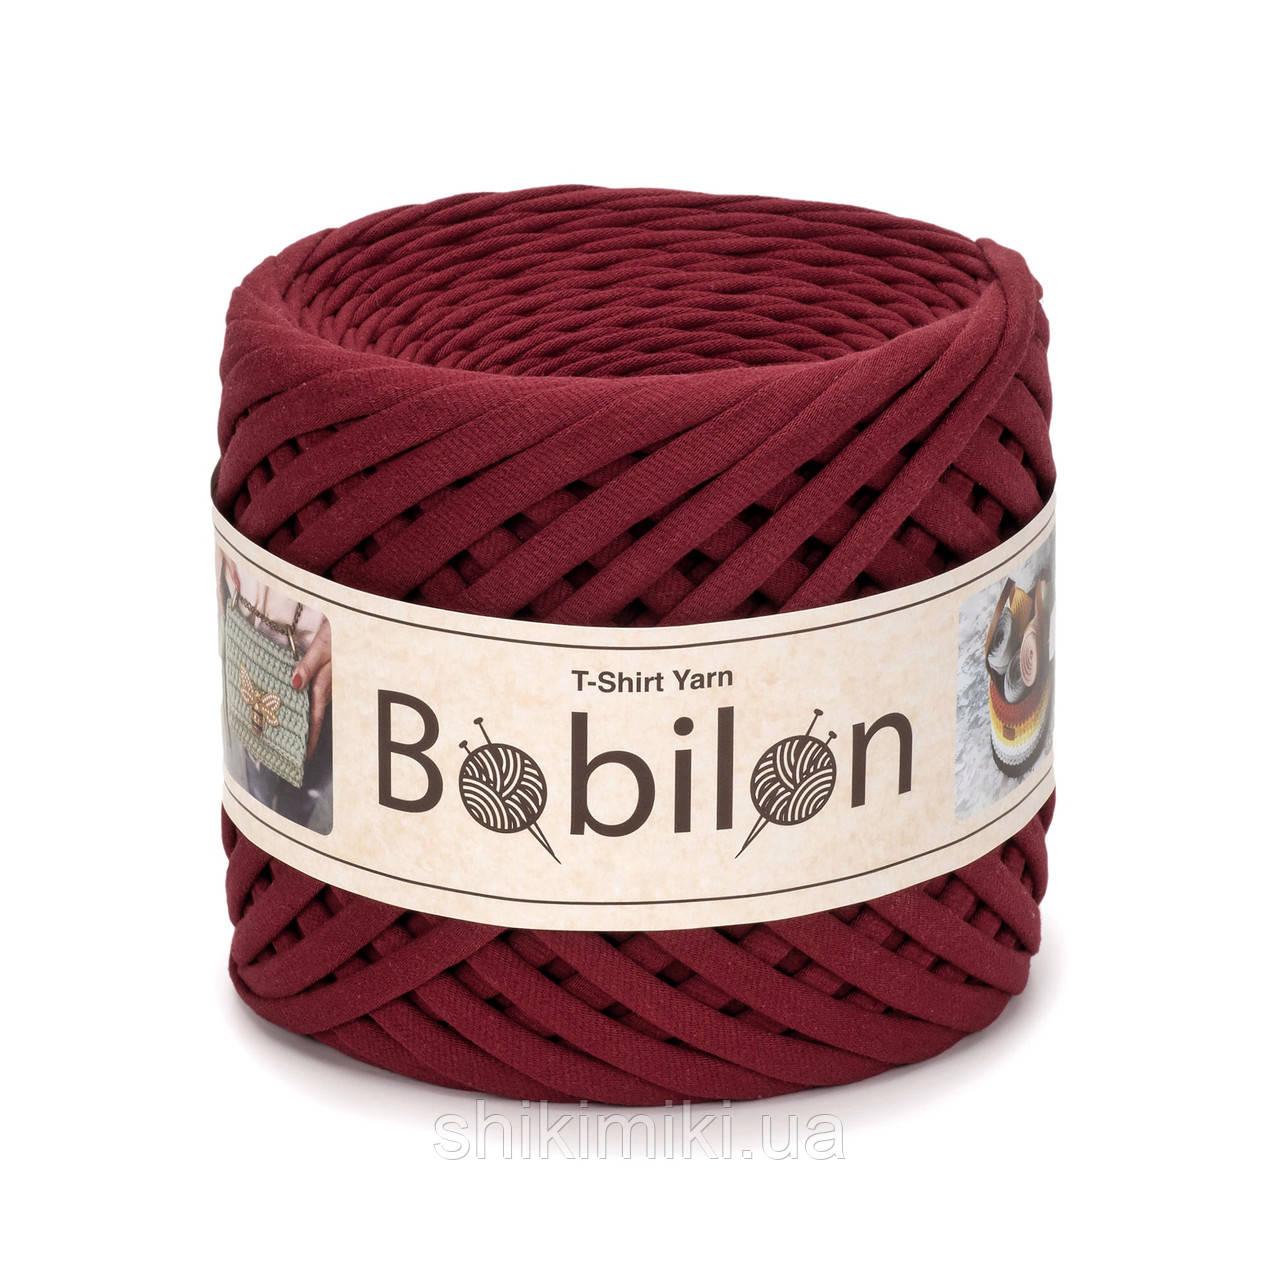 Трикотажная пряжа Bobilon (5-7 мм), цвет Бордовое бордо